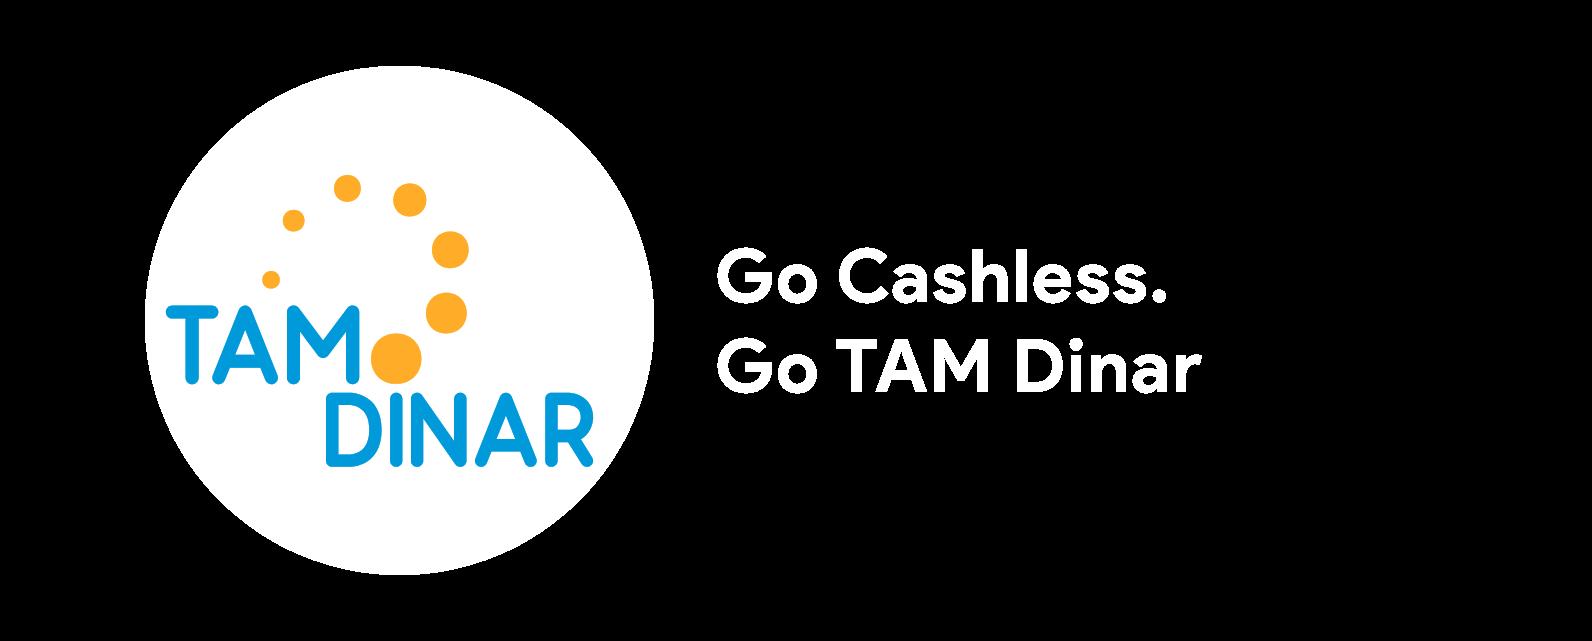 TAM Dinar, Go Cashless